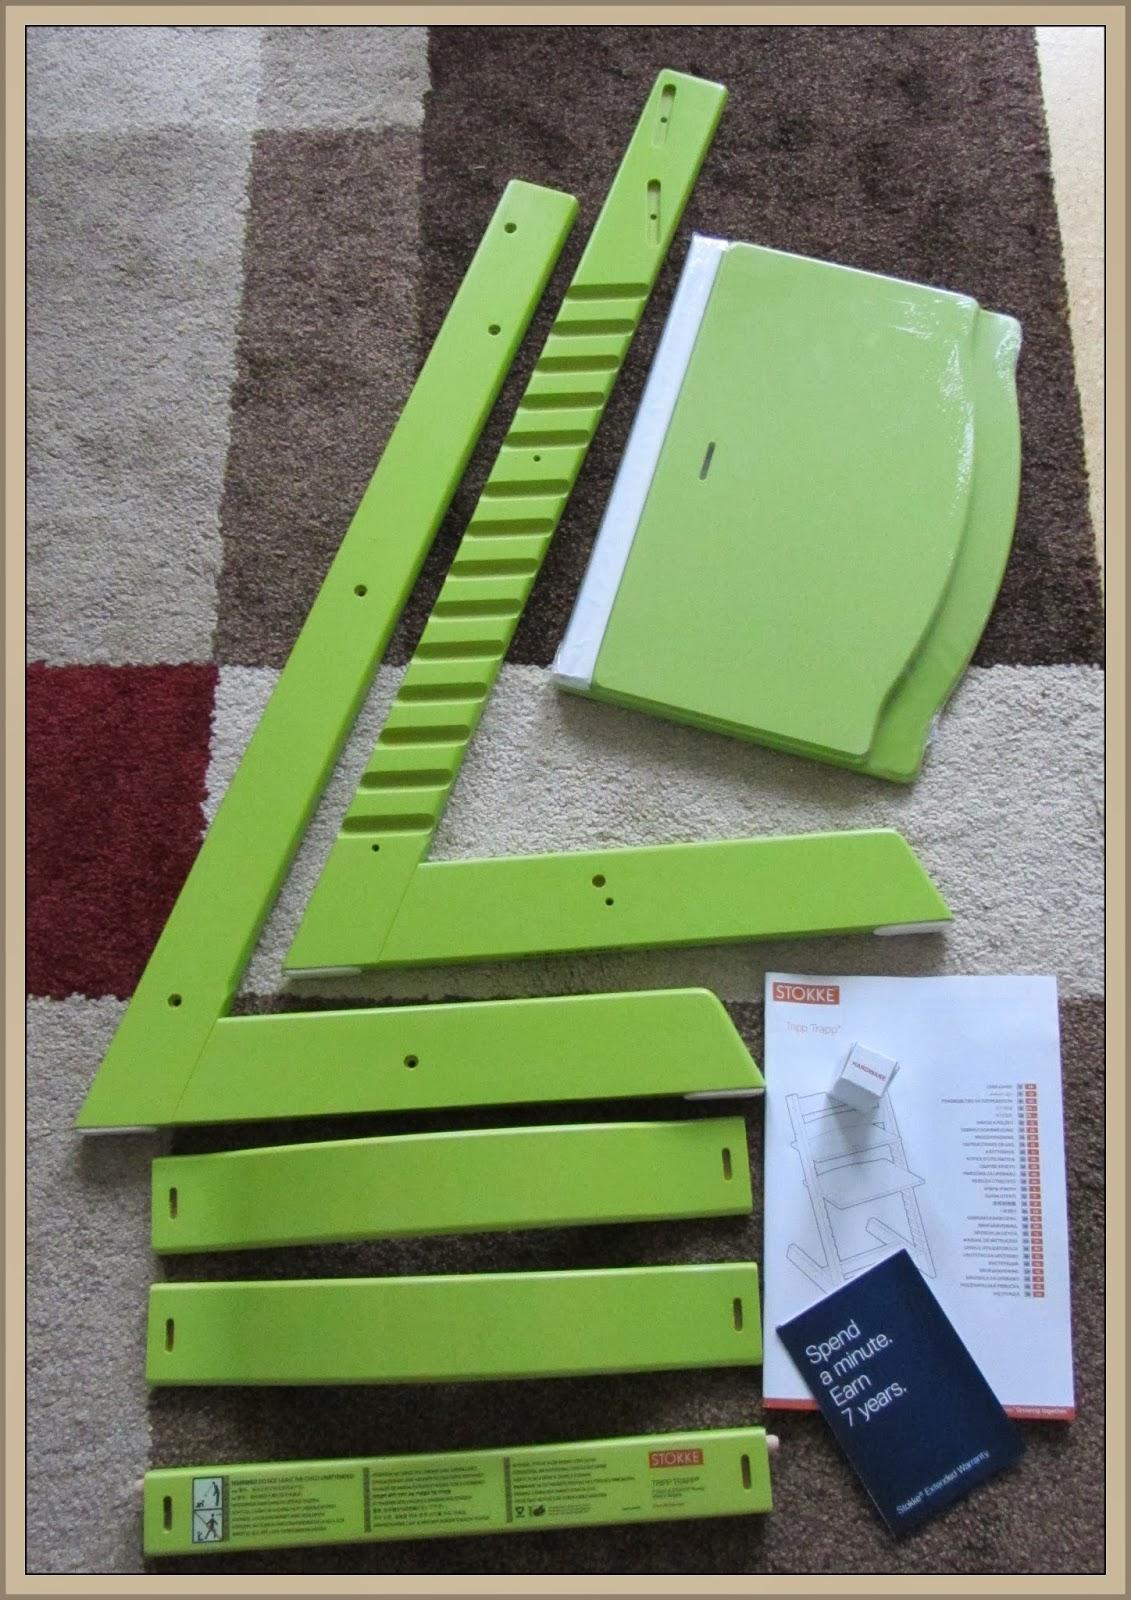 produkttest stokke tripptrapp grinsekatzes welt. Black Bedroom Furniture Sets. Home Design Ideas